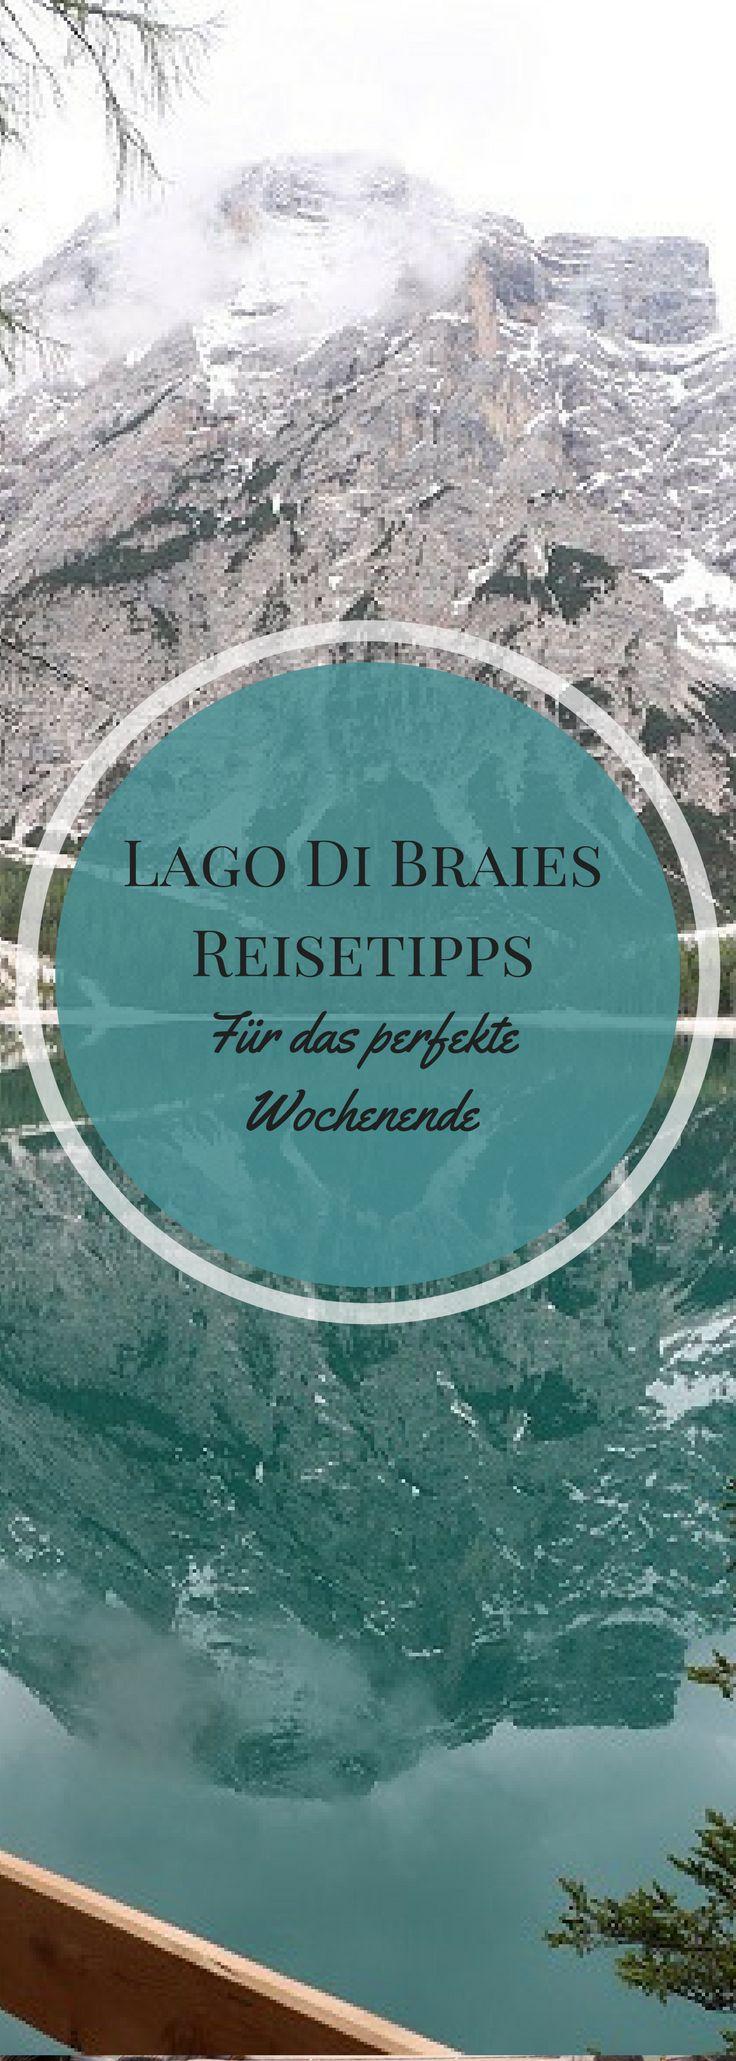 Abschalten am Pragser Wildsee: Was diesen See so besonders macht und wo das beste Hotel liegt erfahrt ihr in diesem Beitrag!